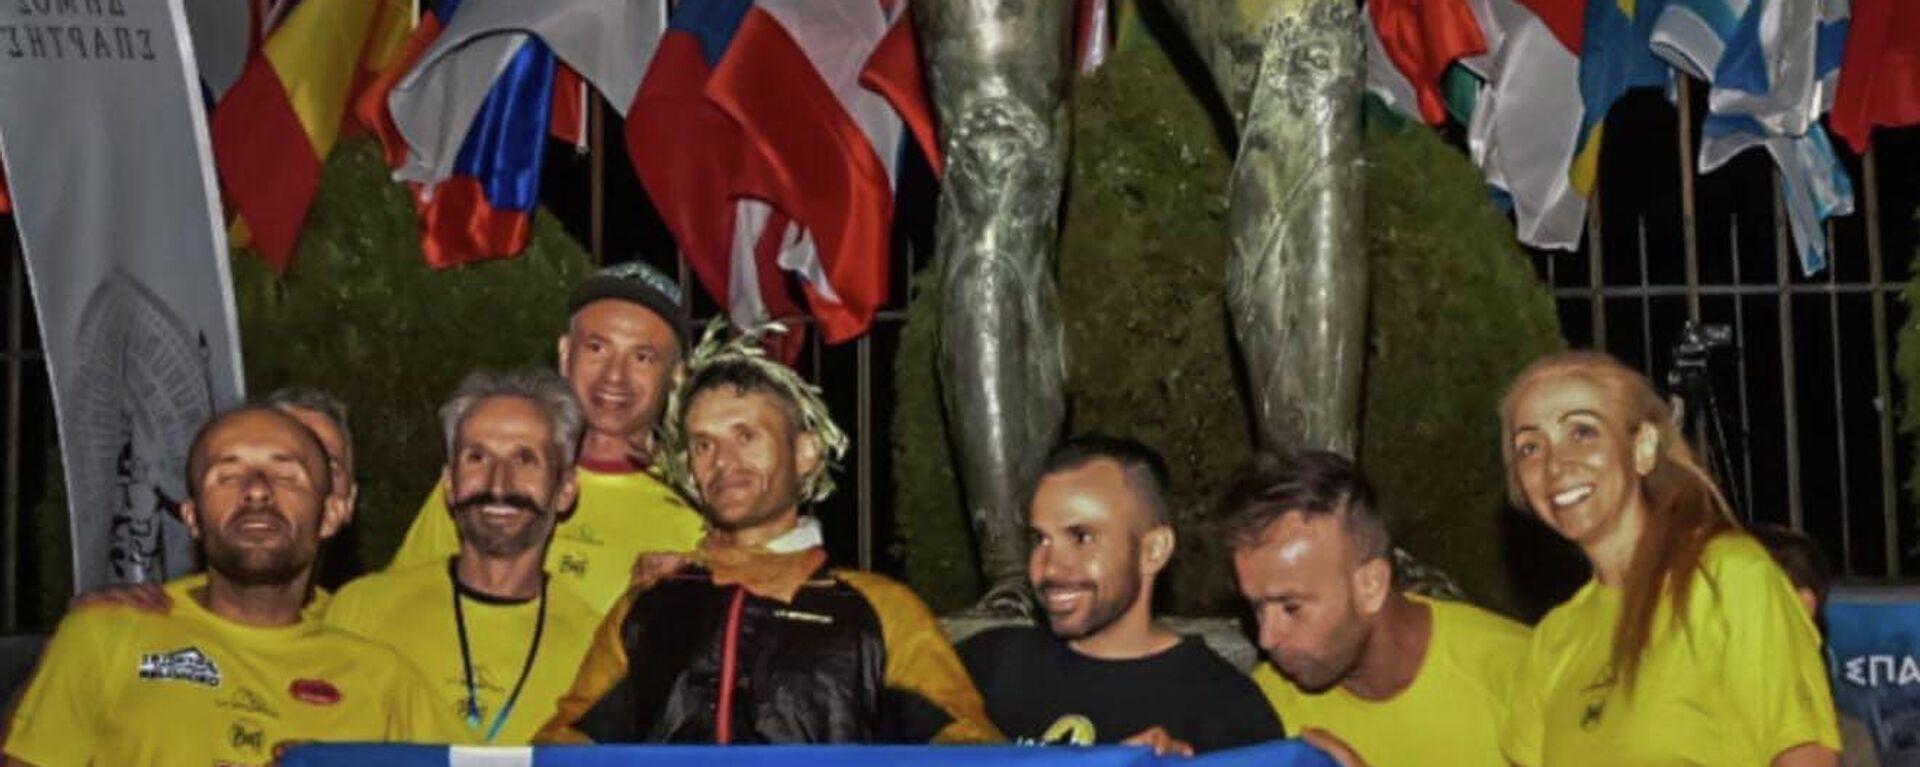 Ο νικητής του Σπάρταθλου το 2021, Φώτης Ζησιμόπουλος - Sputnik Ελλάδα, 1920, 28.09.2021